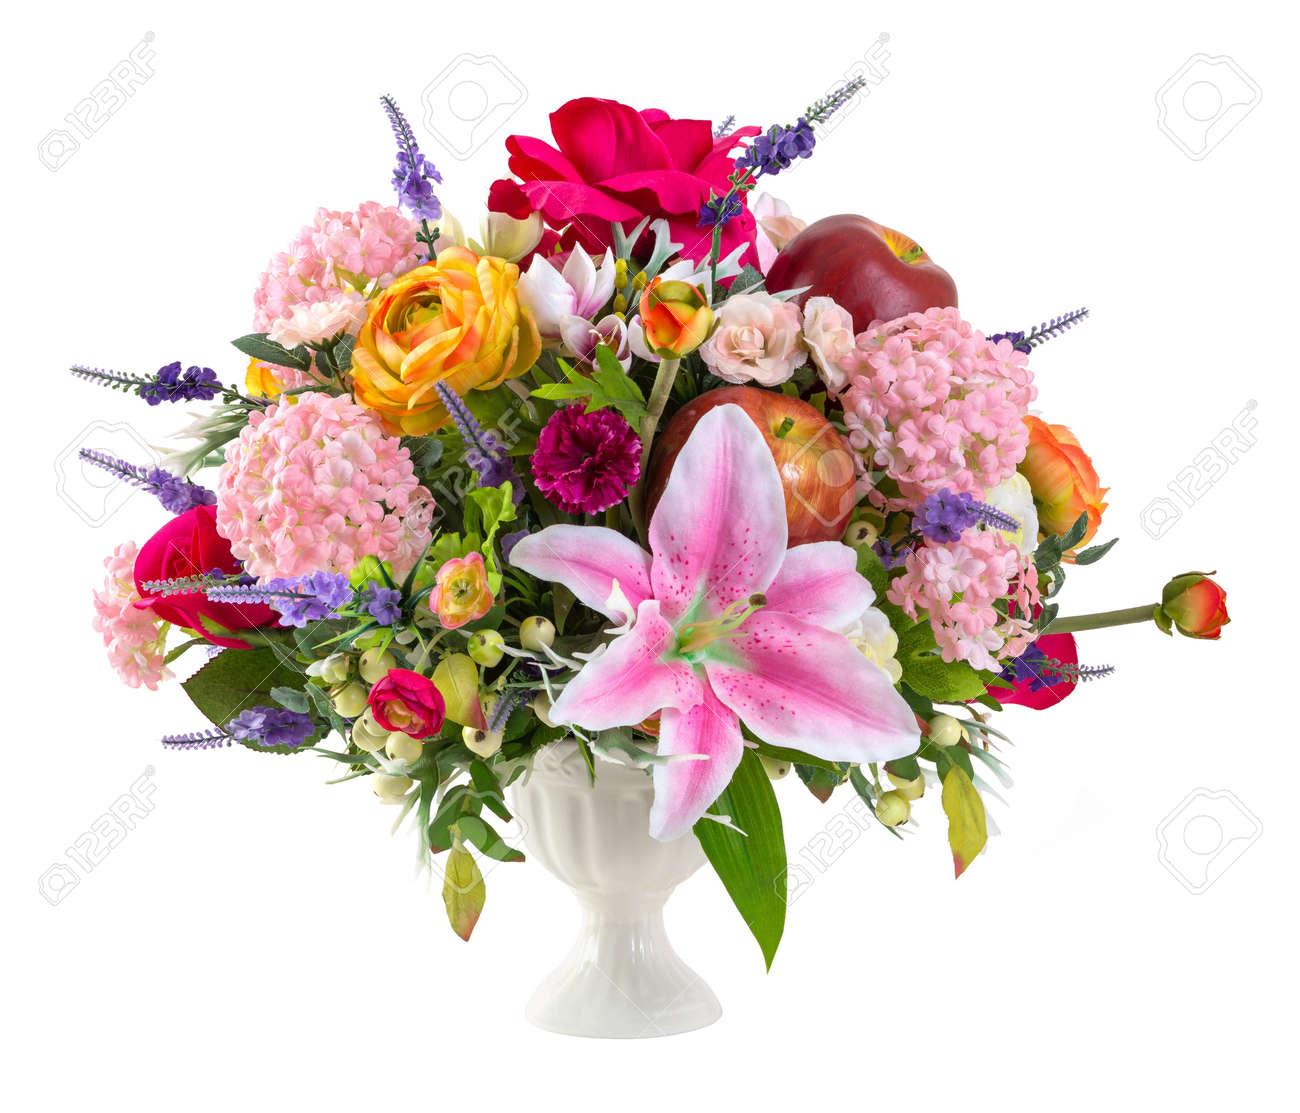 bouquet de lirios de colores rosa clavel manzana hortensias en florero de cermica aislado en blanco